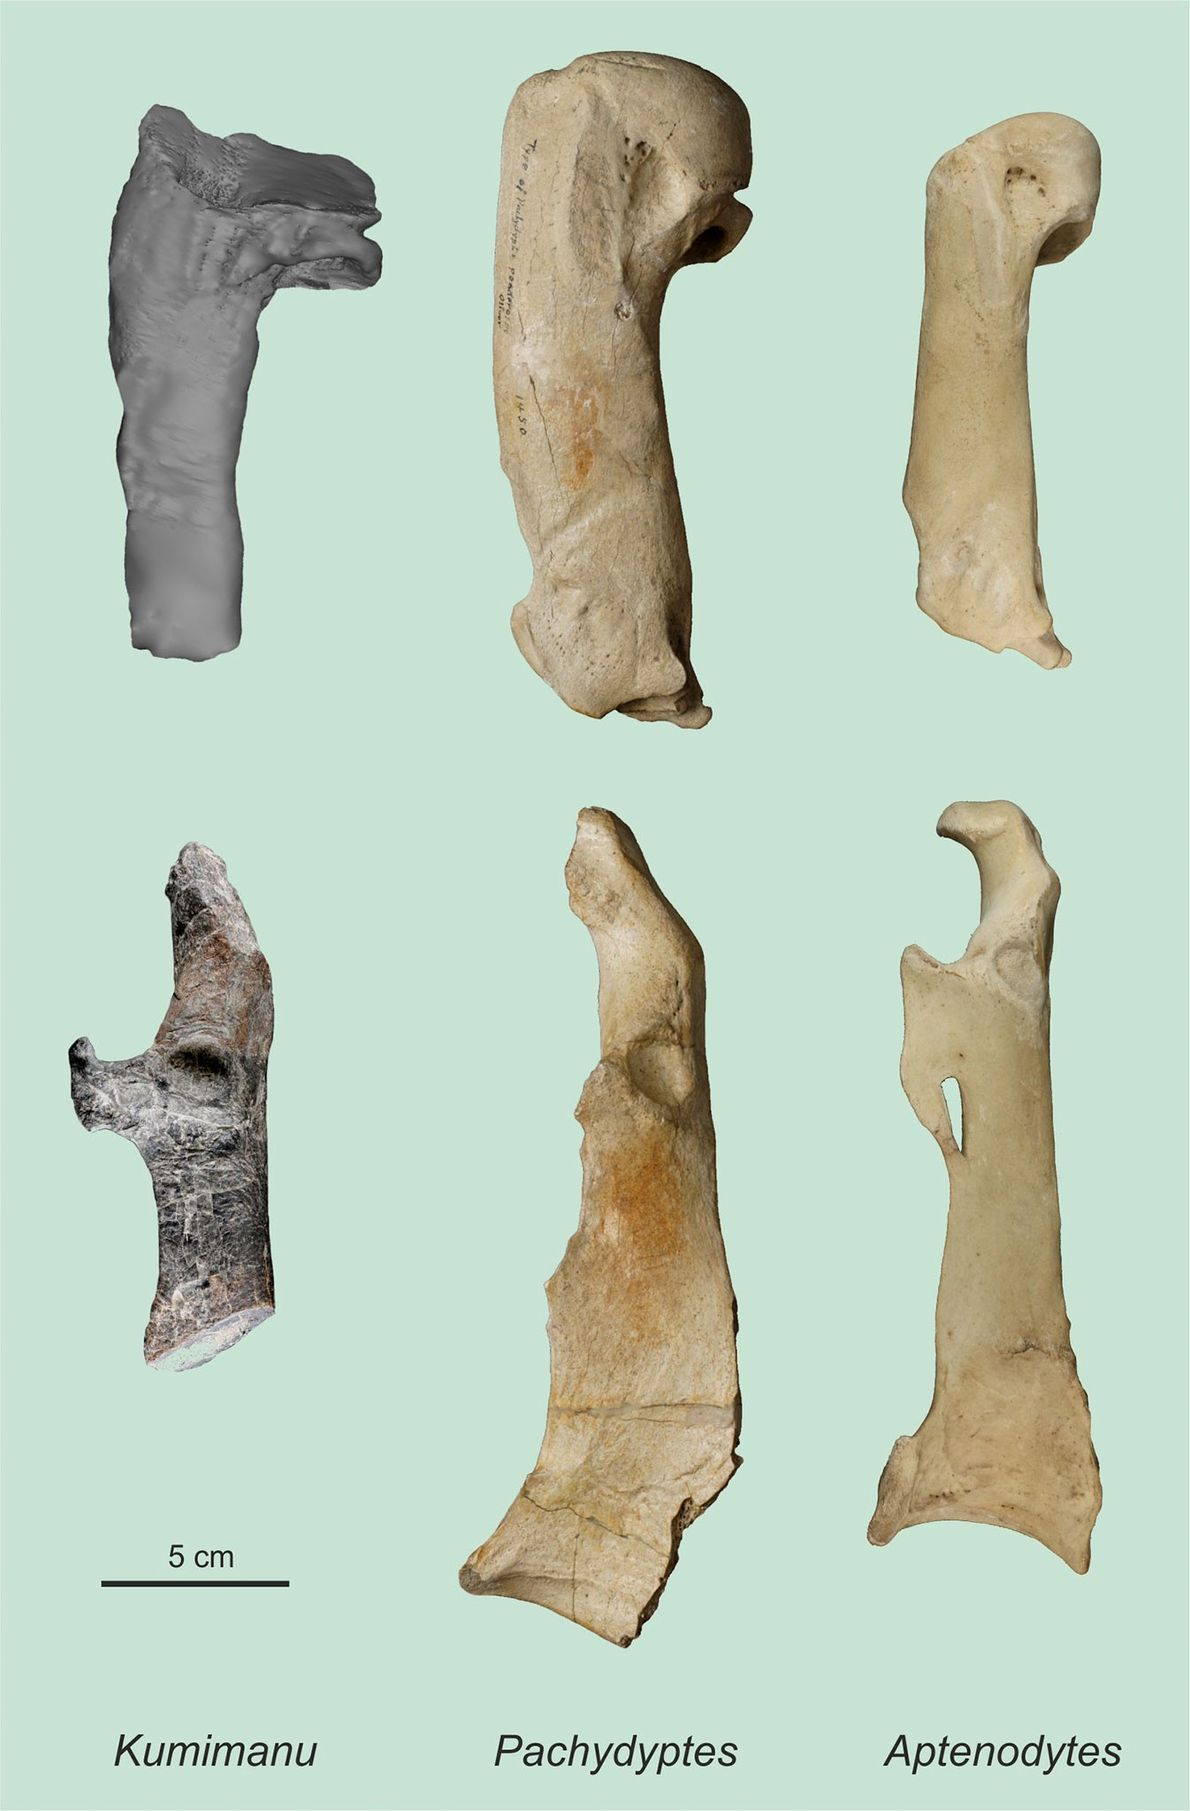 Der Oberarmknochen (oben) und der Knochen aus dem Schultergürtel (unten) des großen Pinguins Kumimanu biceae aus ...